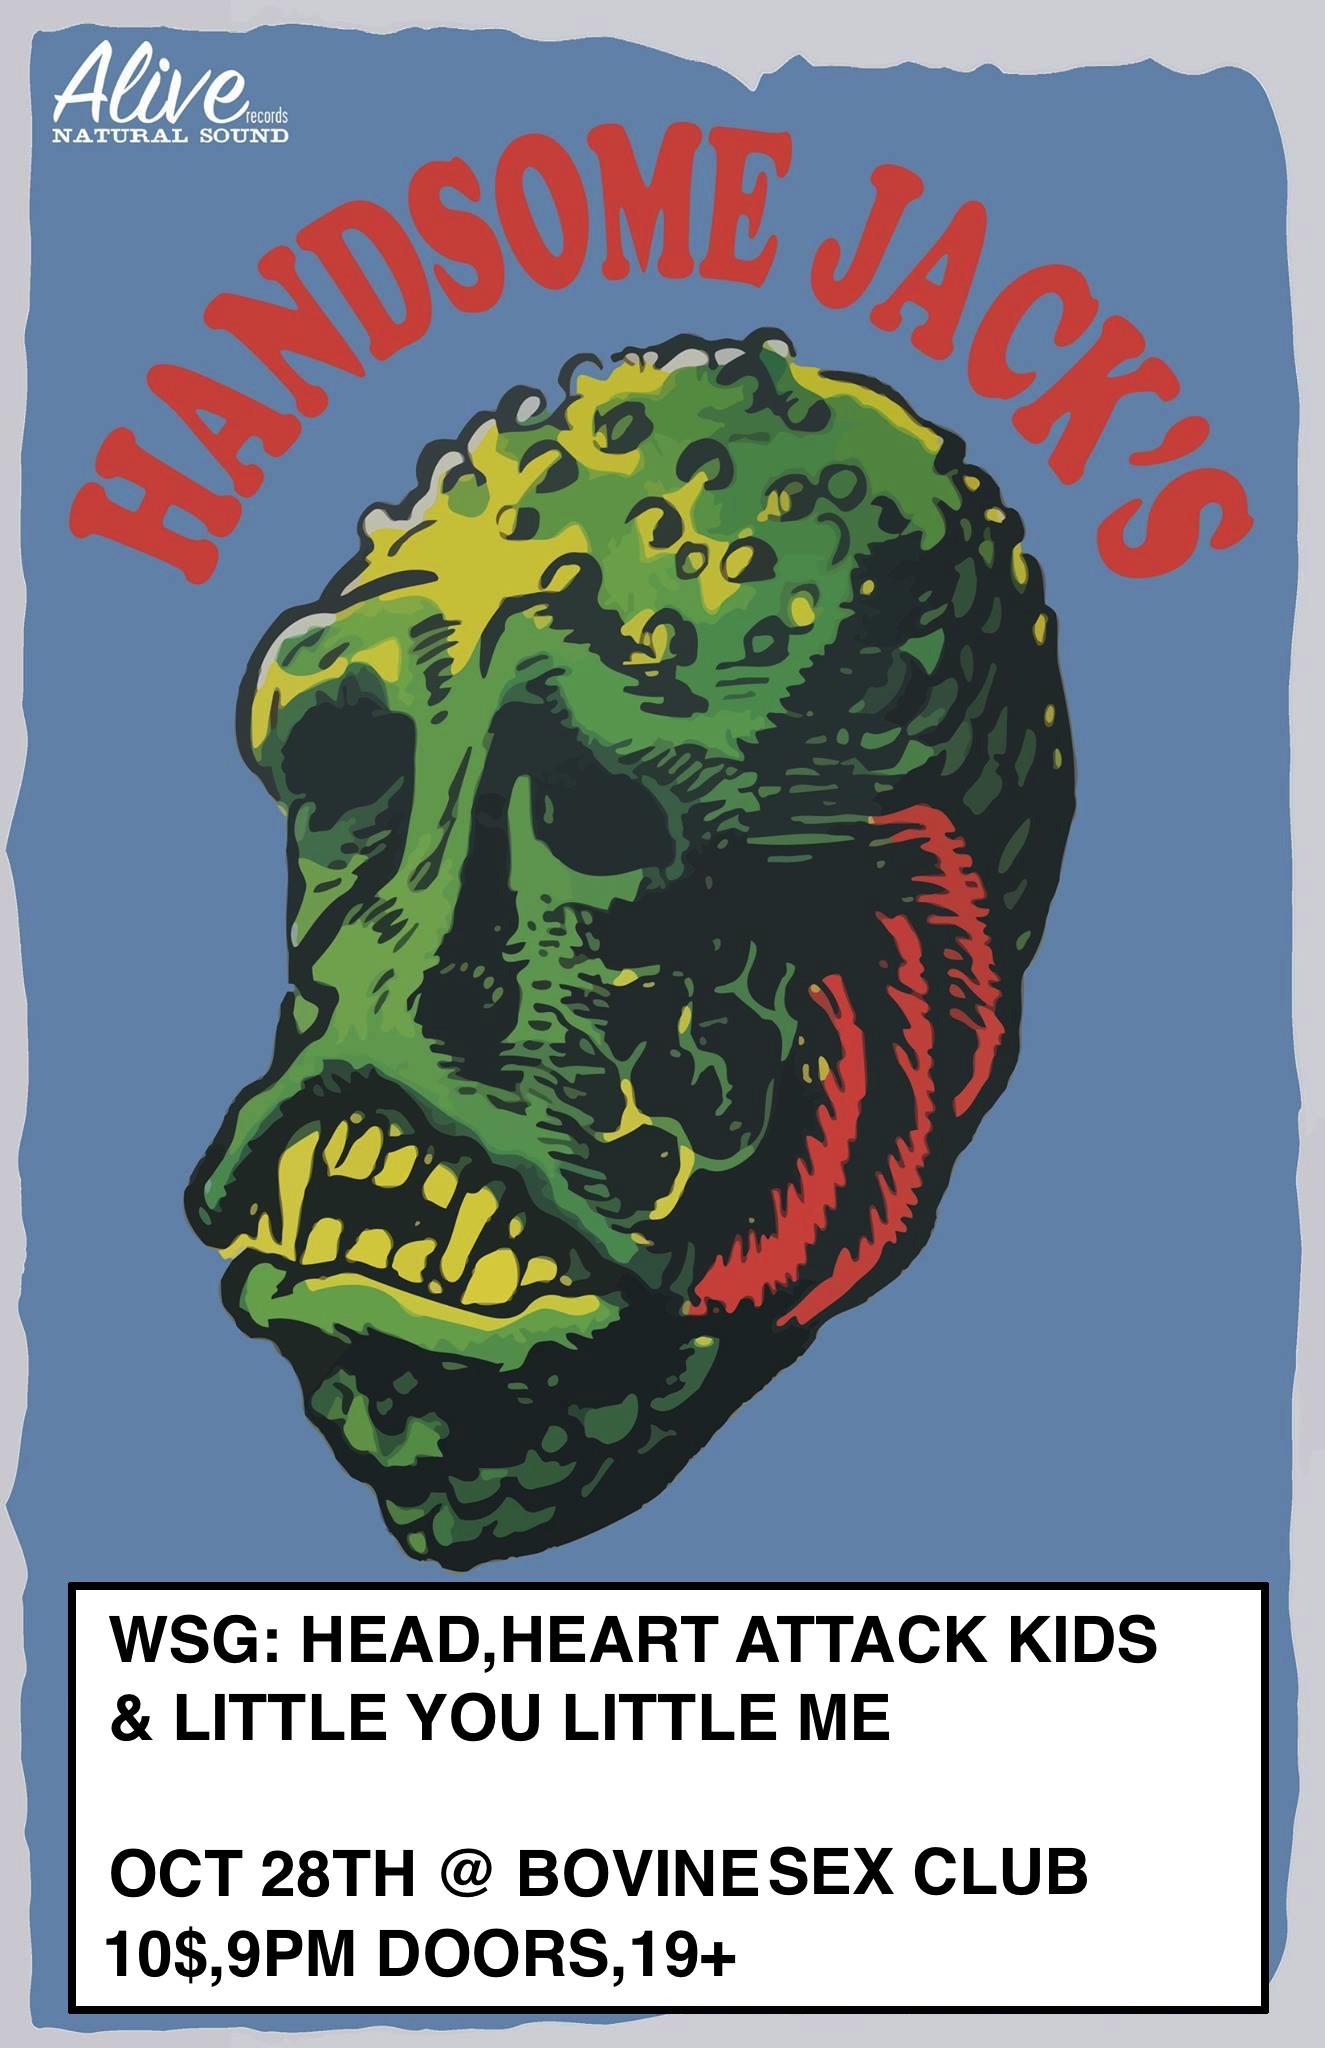 Hnadsome Jack & HEAD